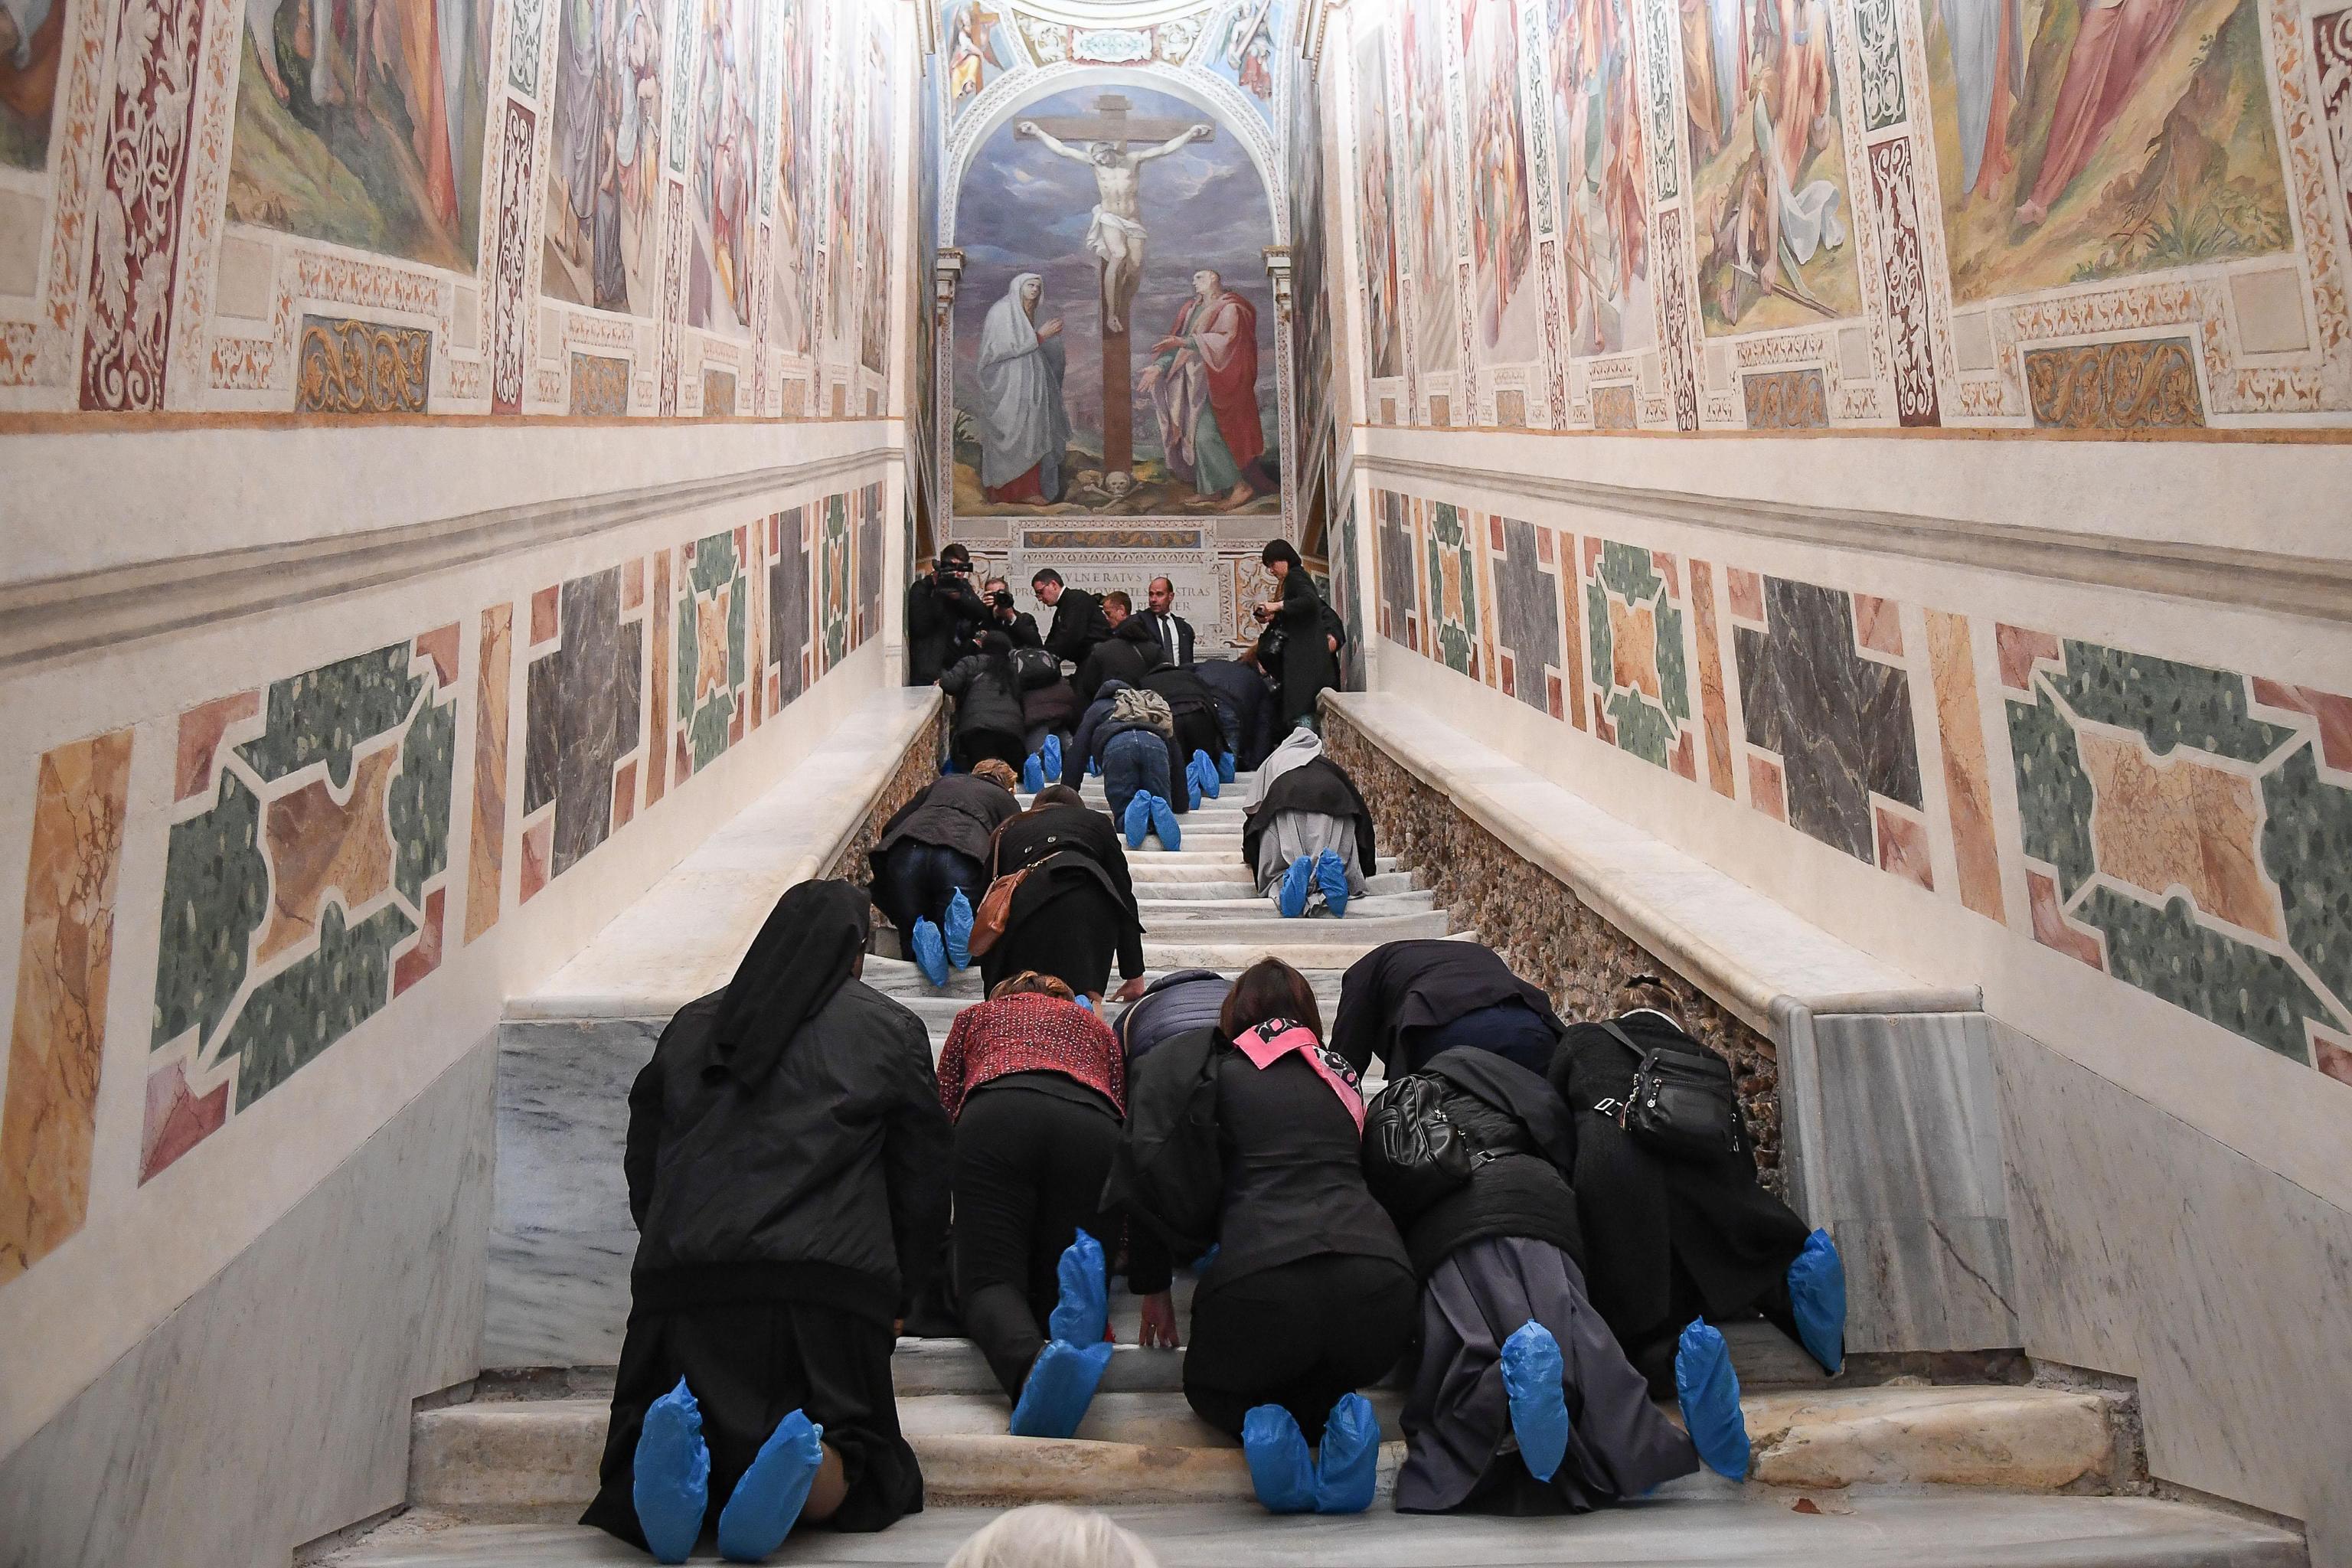 Светите стъпала, по които според преданието е преминал Исус Христос преди да се яви пред римския управител на Юдея Пилат Понтийски, бяха отново открити за публиката в Рим.